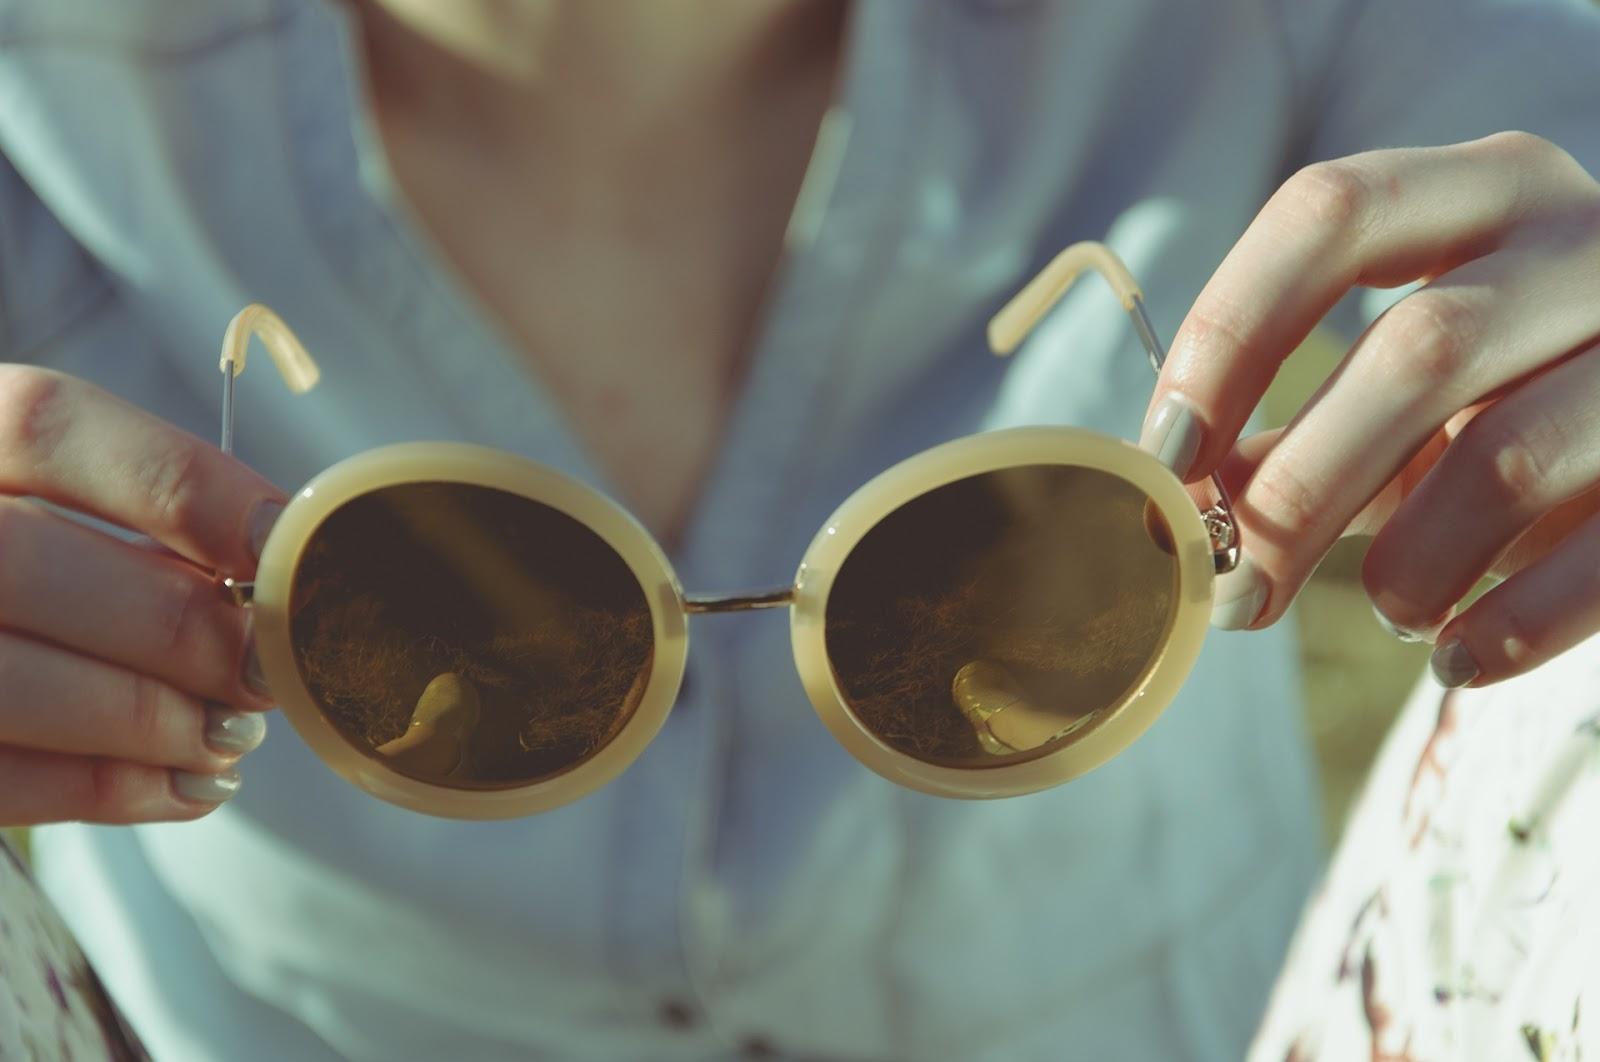 משקפי שמש אופנתיות מוחזקות בידי אישה